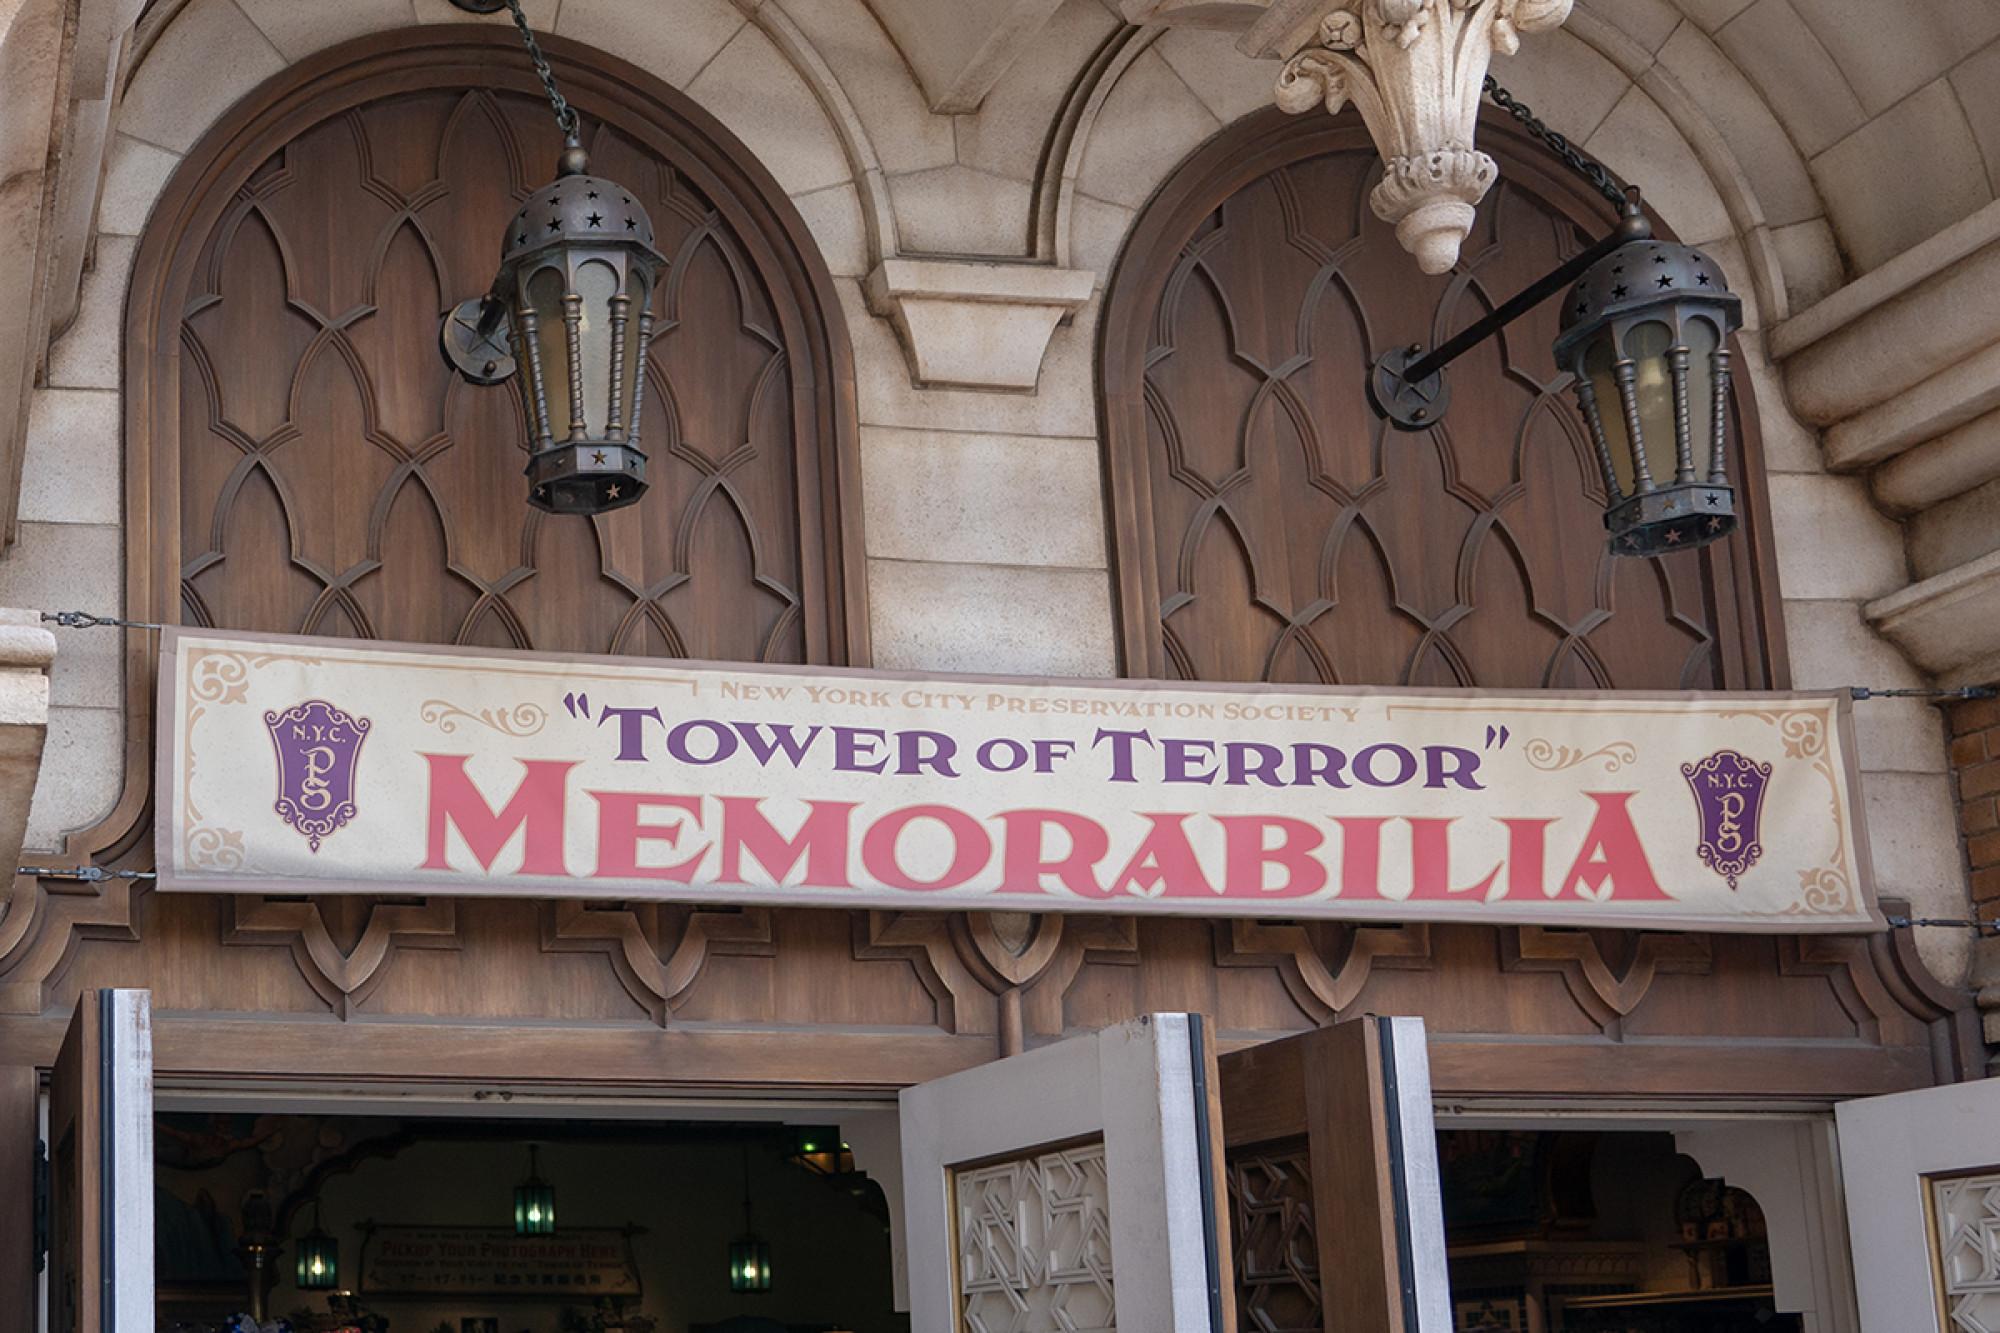 タワー・オブ・テラー・メモラビリア